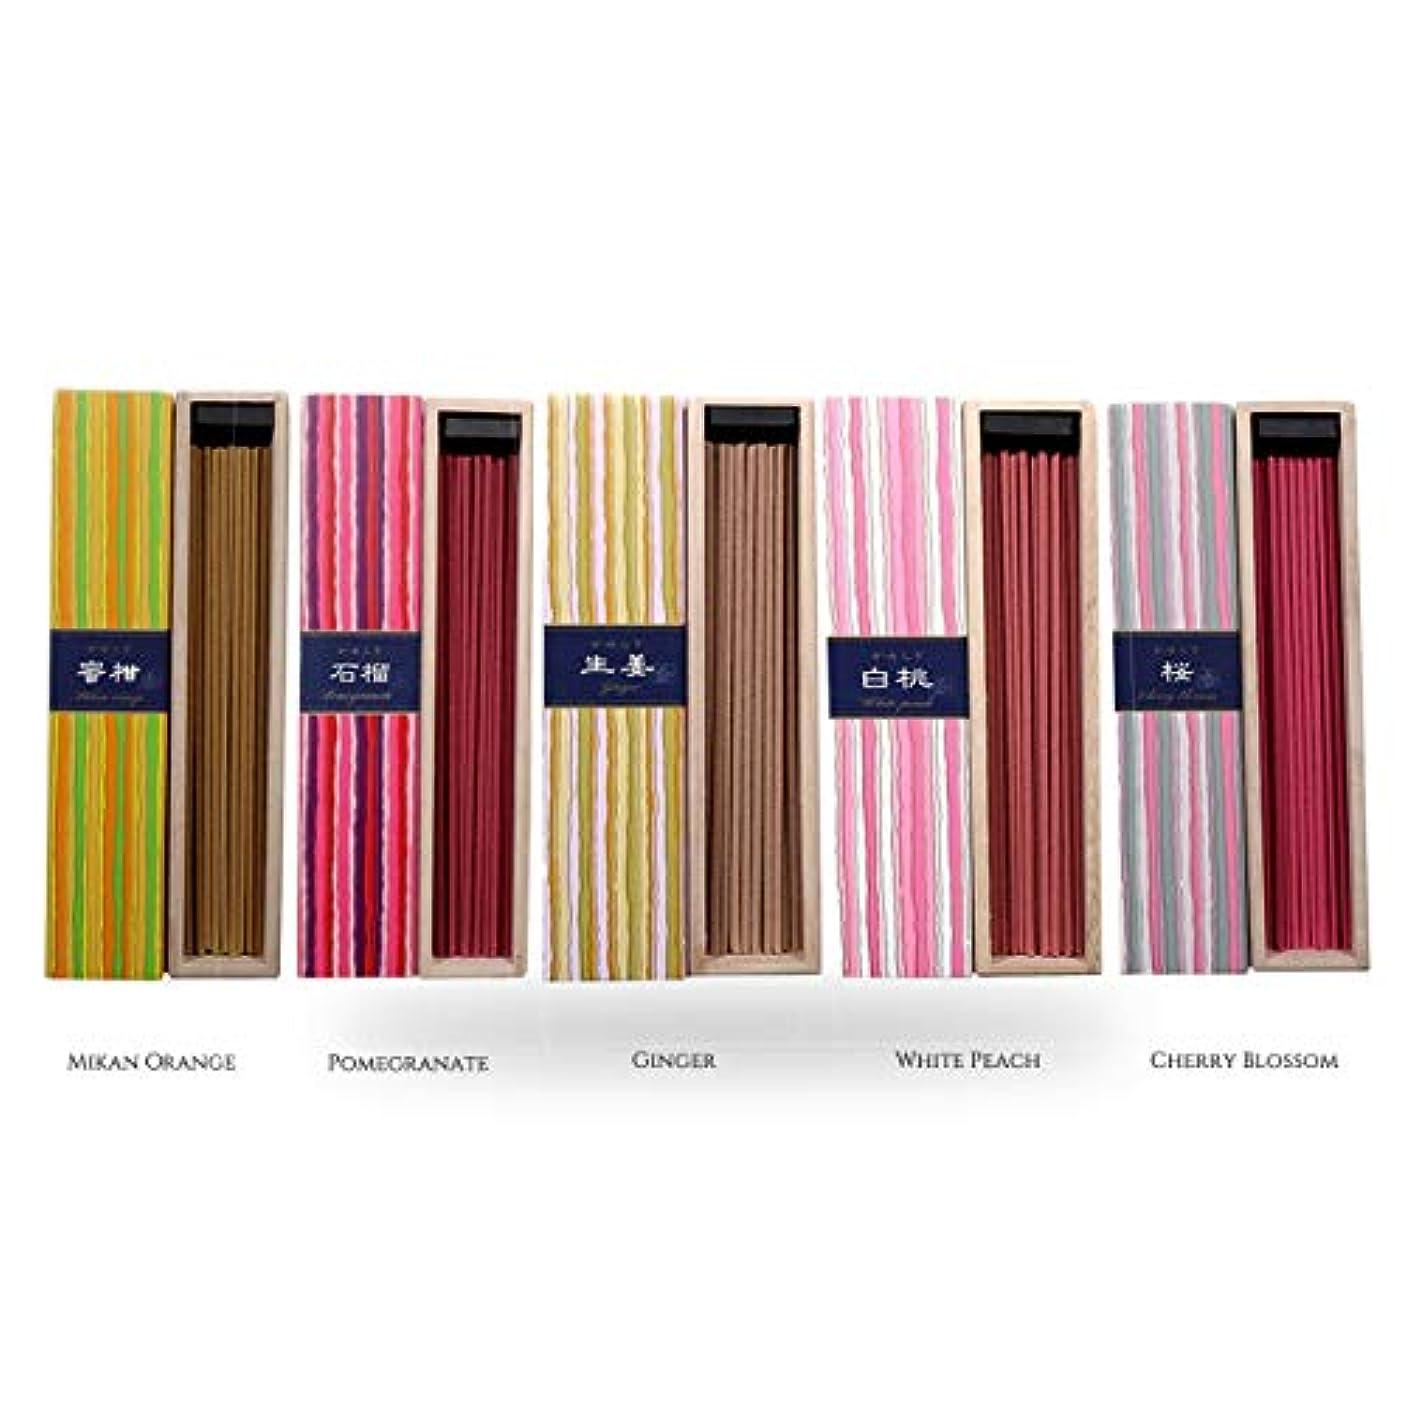 ライフル梨迷信iTakara 日本香コレクション | 日本の庭 40x5 | リラックス、瞑想、祈り、読書、ヨガ用フローラルとアロマの木の香り | クリーン燃焼、ピュアな香り